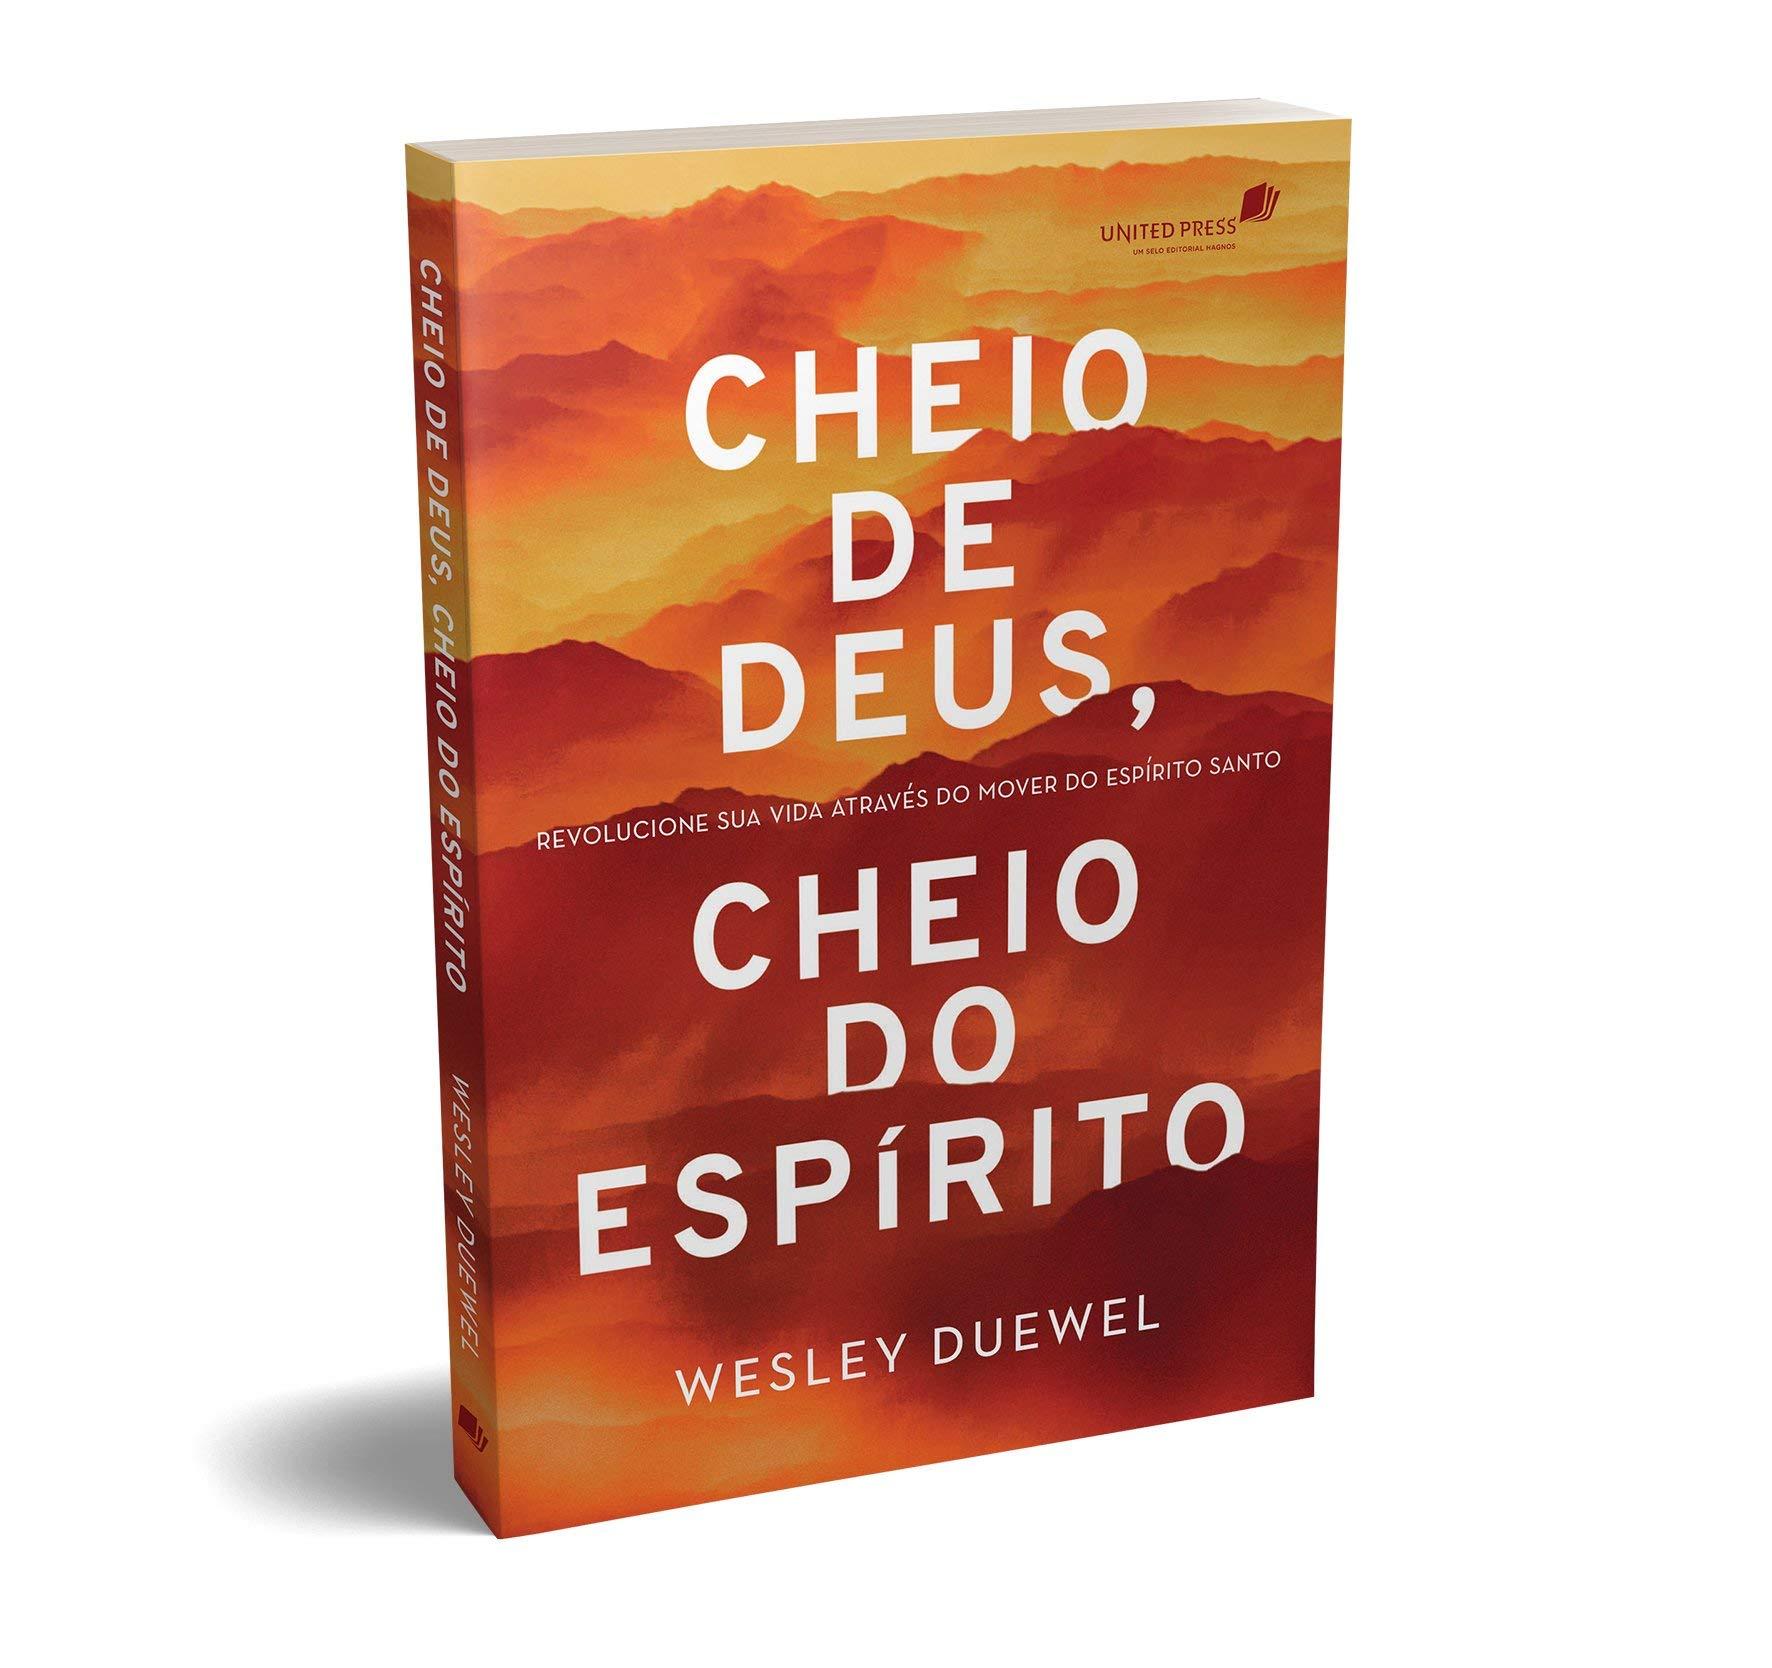 Cheio de Deus, cheio do Espírito: Revolucione sua vida através do mover do Espírito Santo  - Universo Bíblico Rs